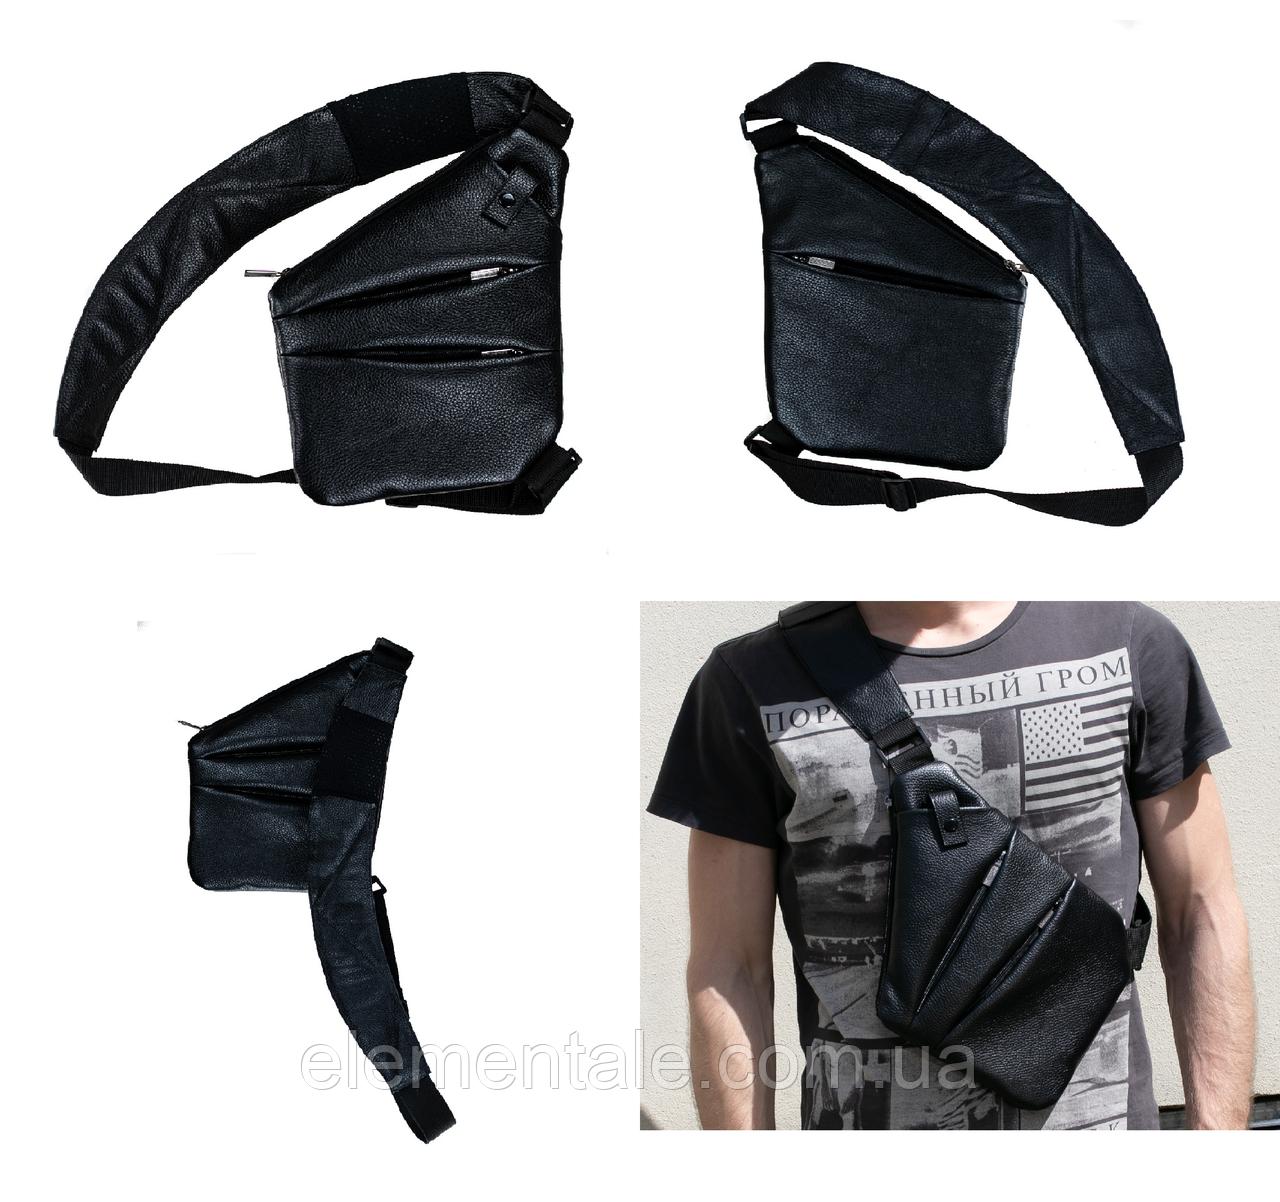 Мужская сумка Valenta кожаная через плечо 28х22х2 см Черная